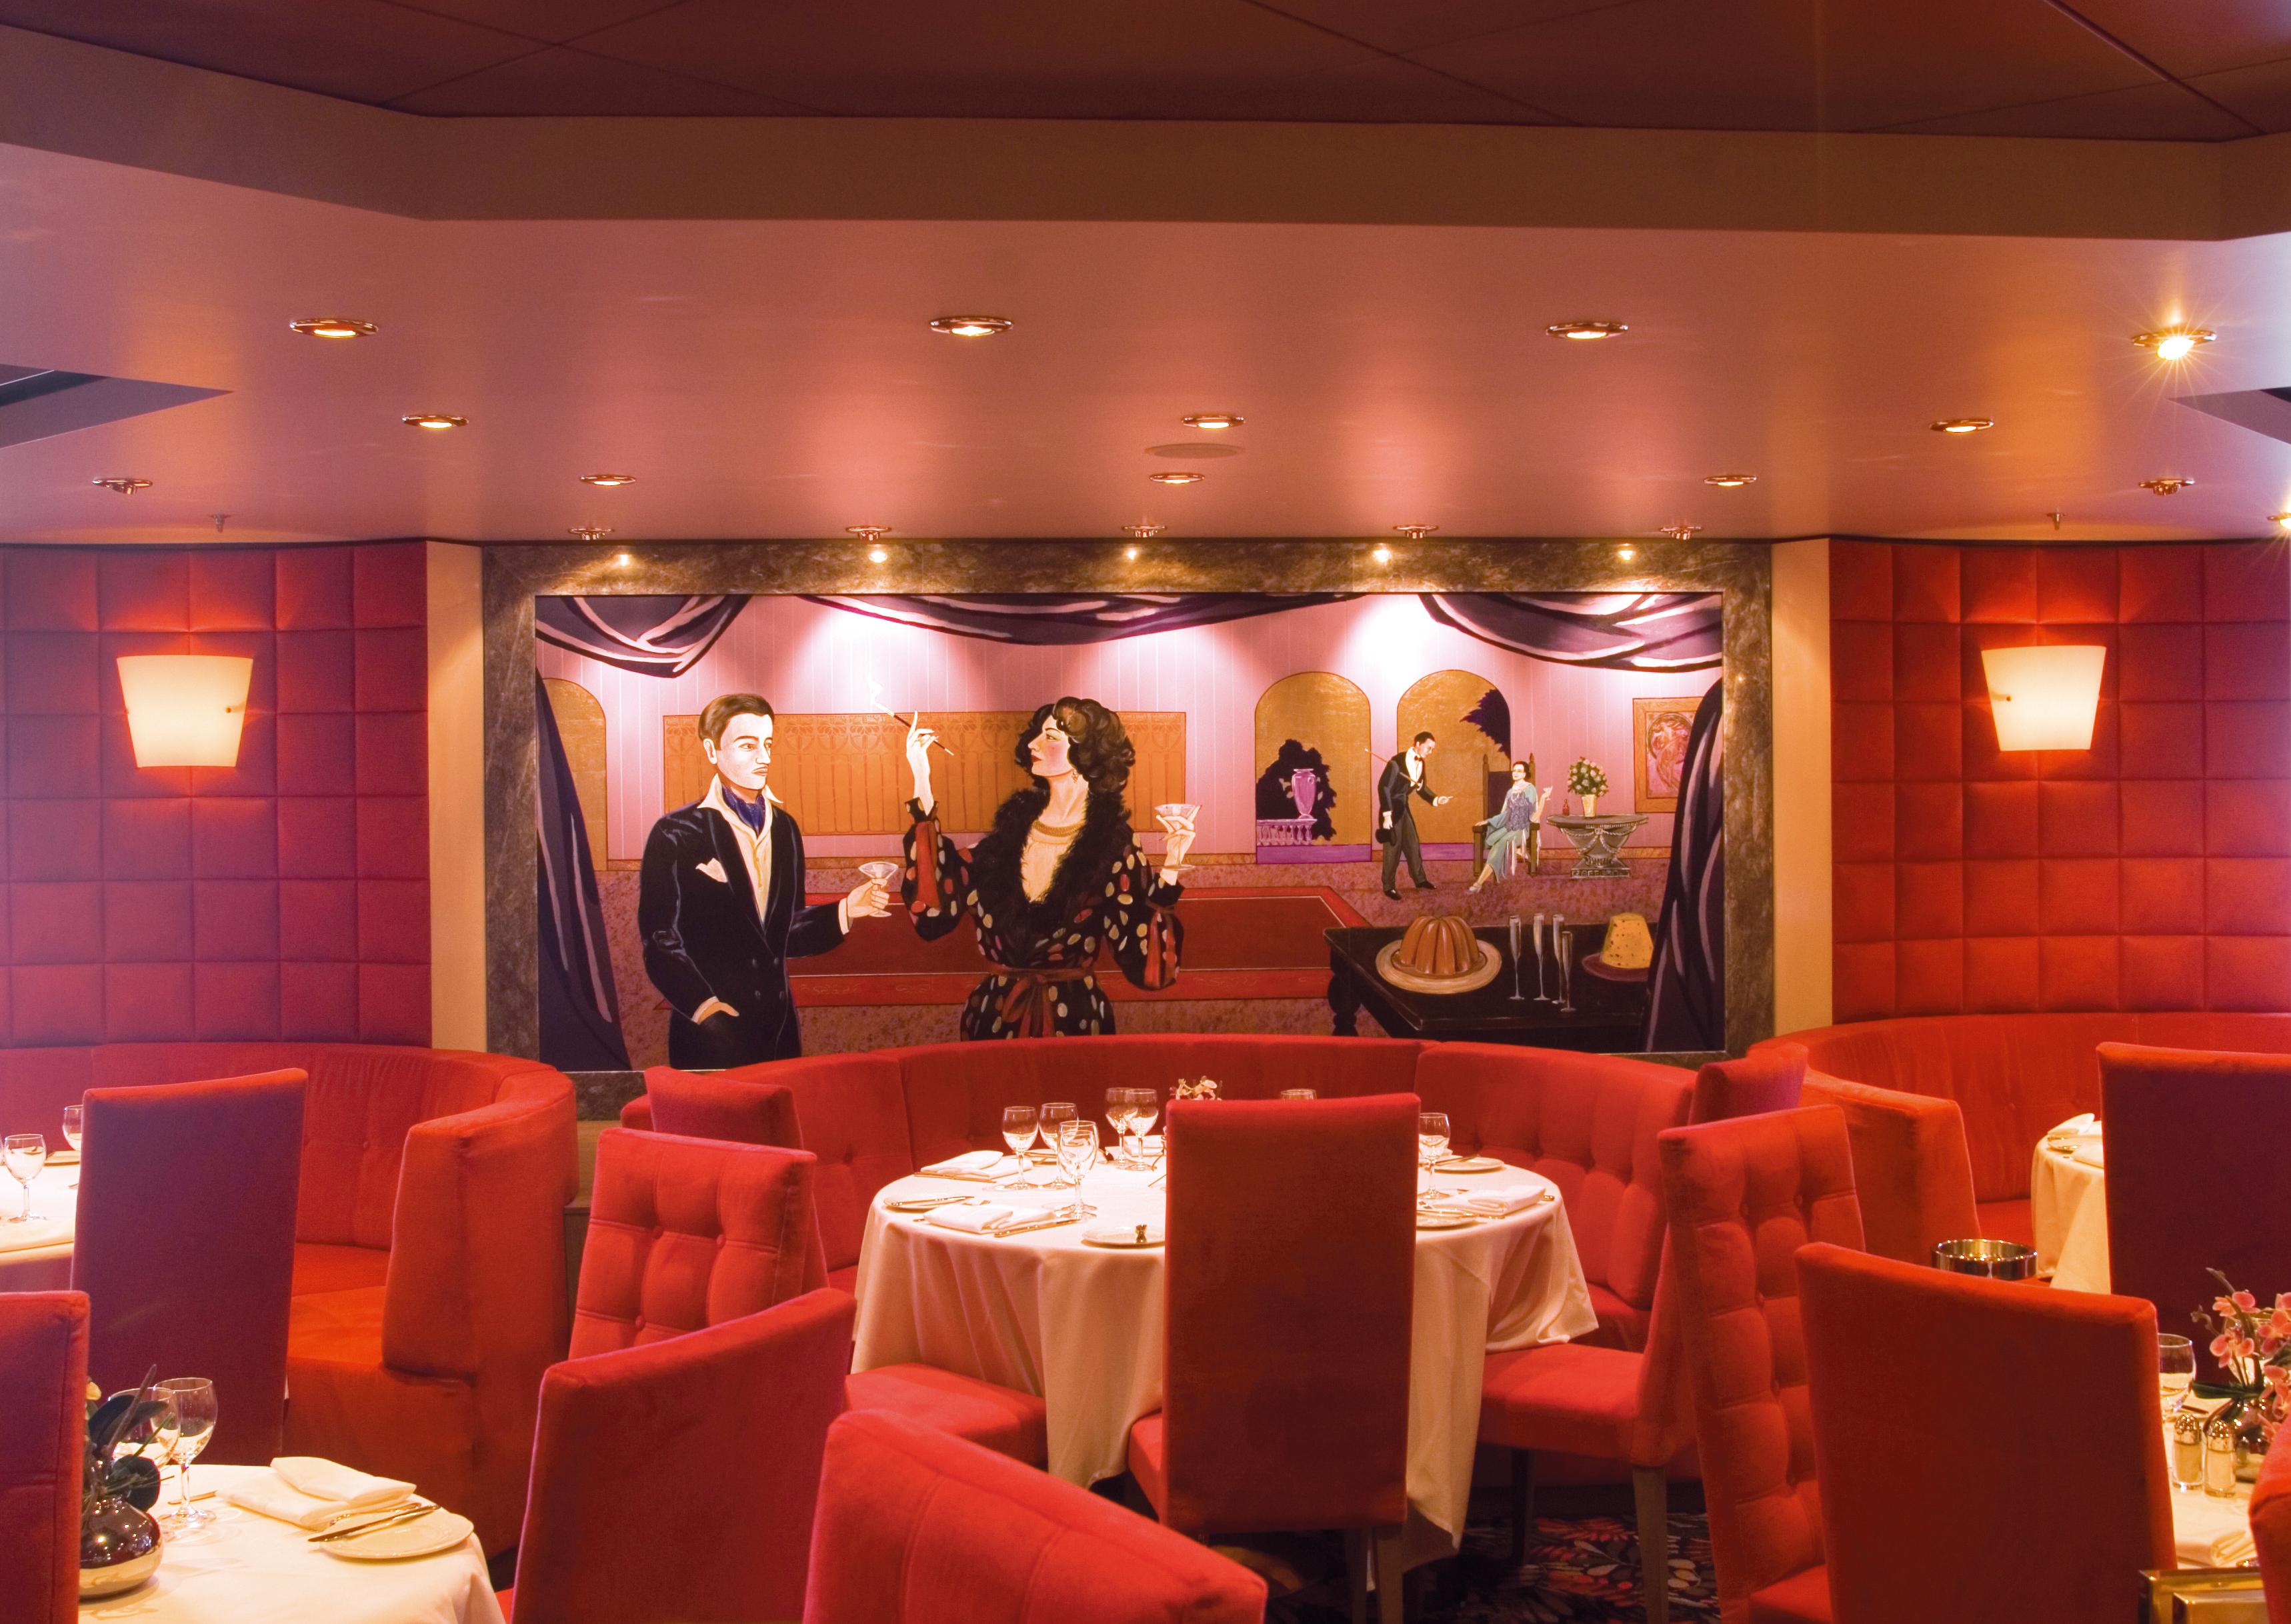 MSC Musica Class maxims restaurant 3.jpg